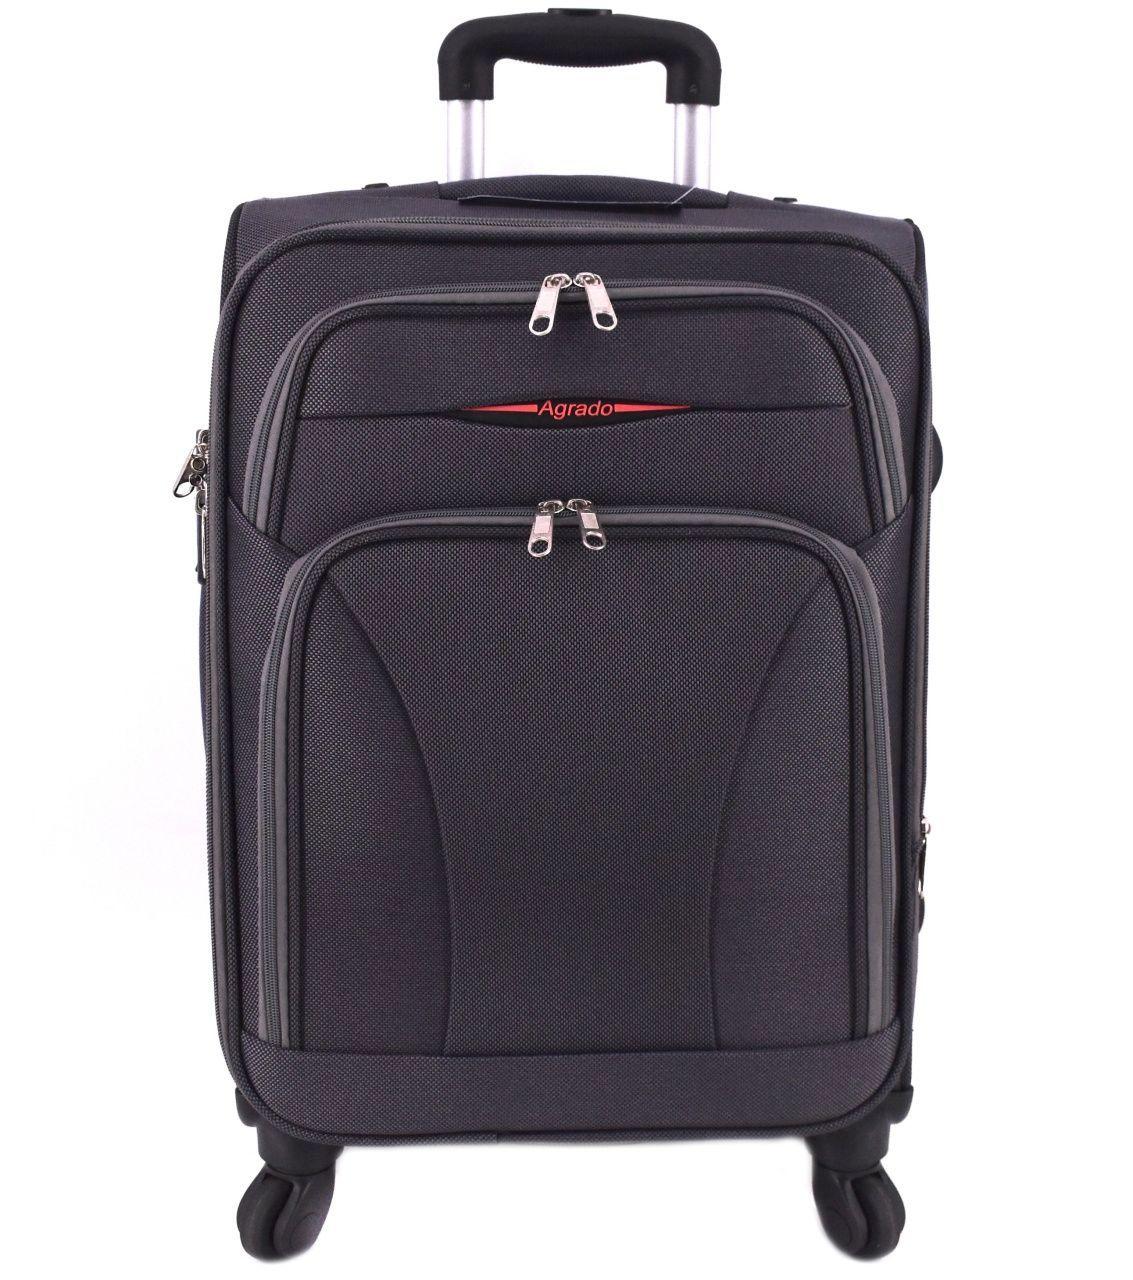 Cestovní textilní kufr na čtyřech kolečkách Agrado (M) 80l - tmavě šedá 8021 (M)